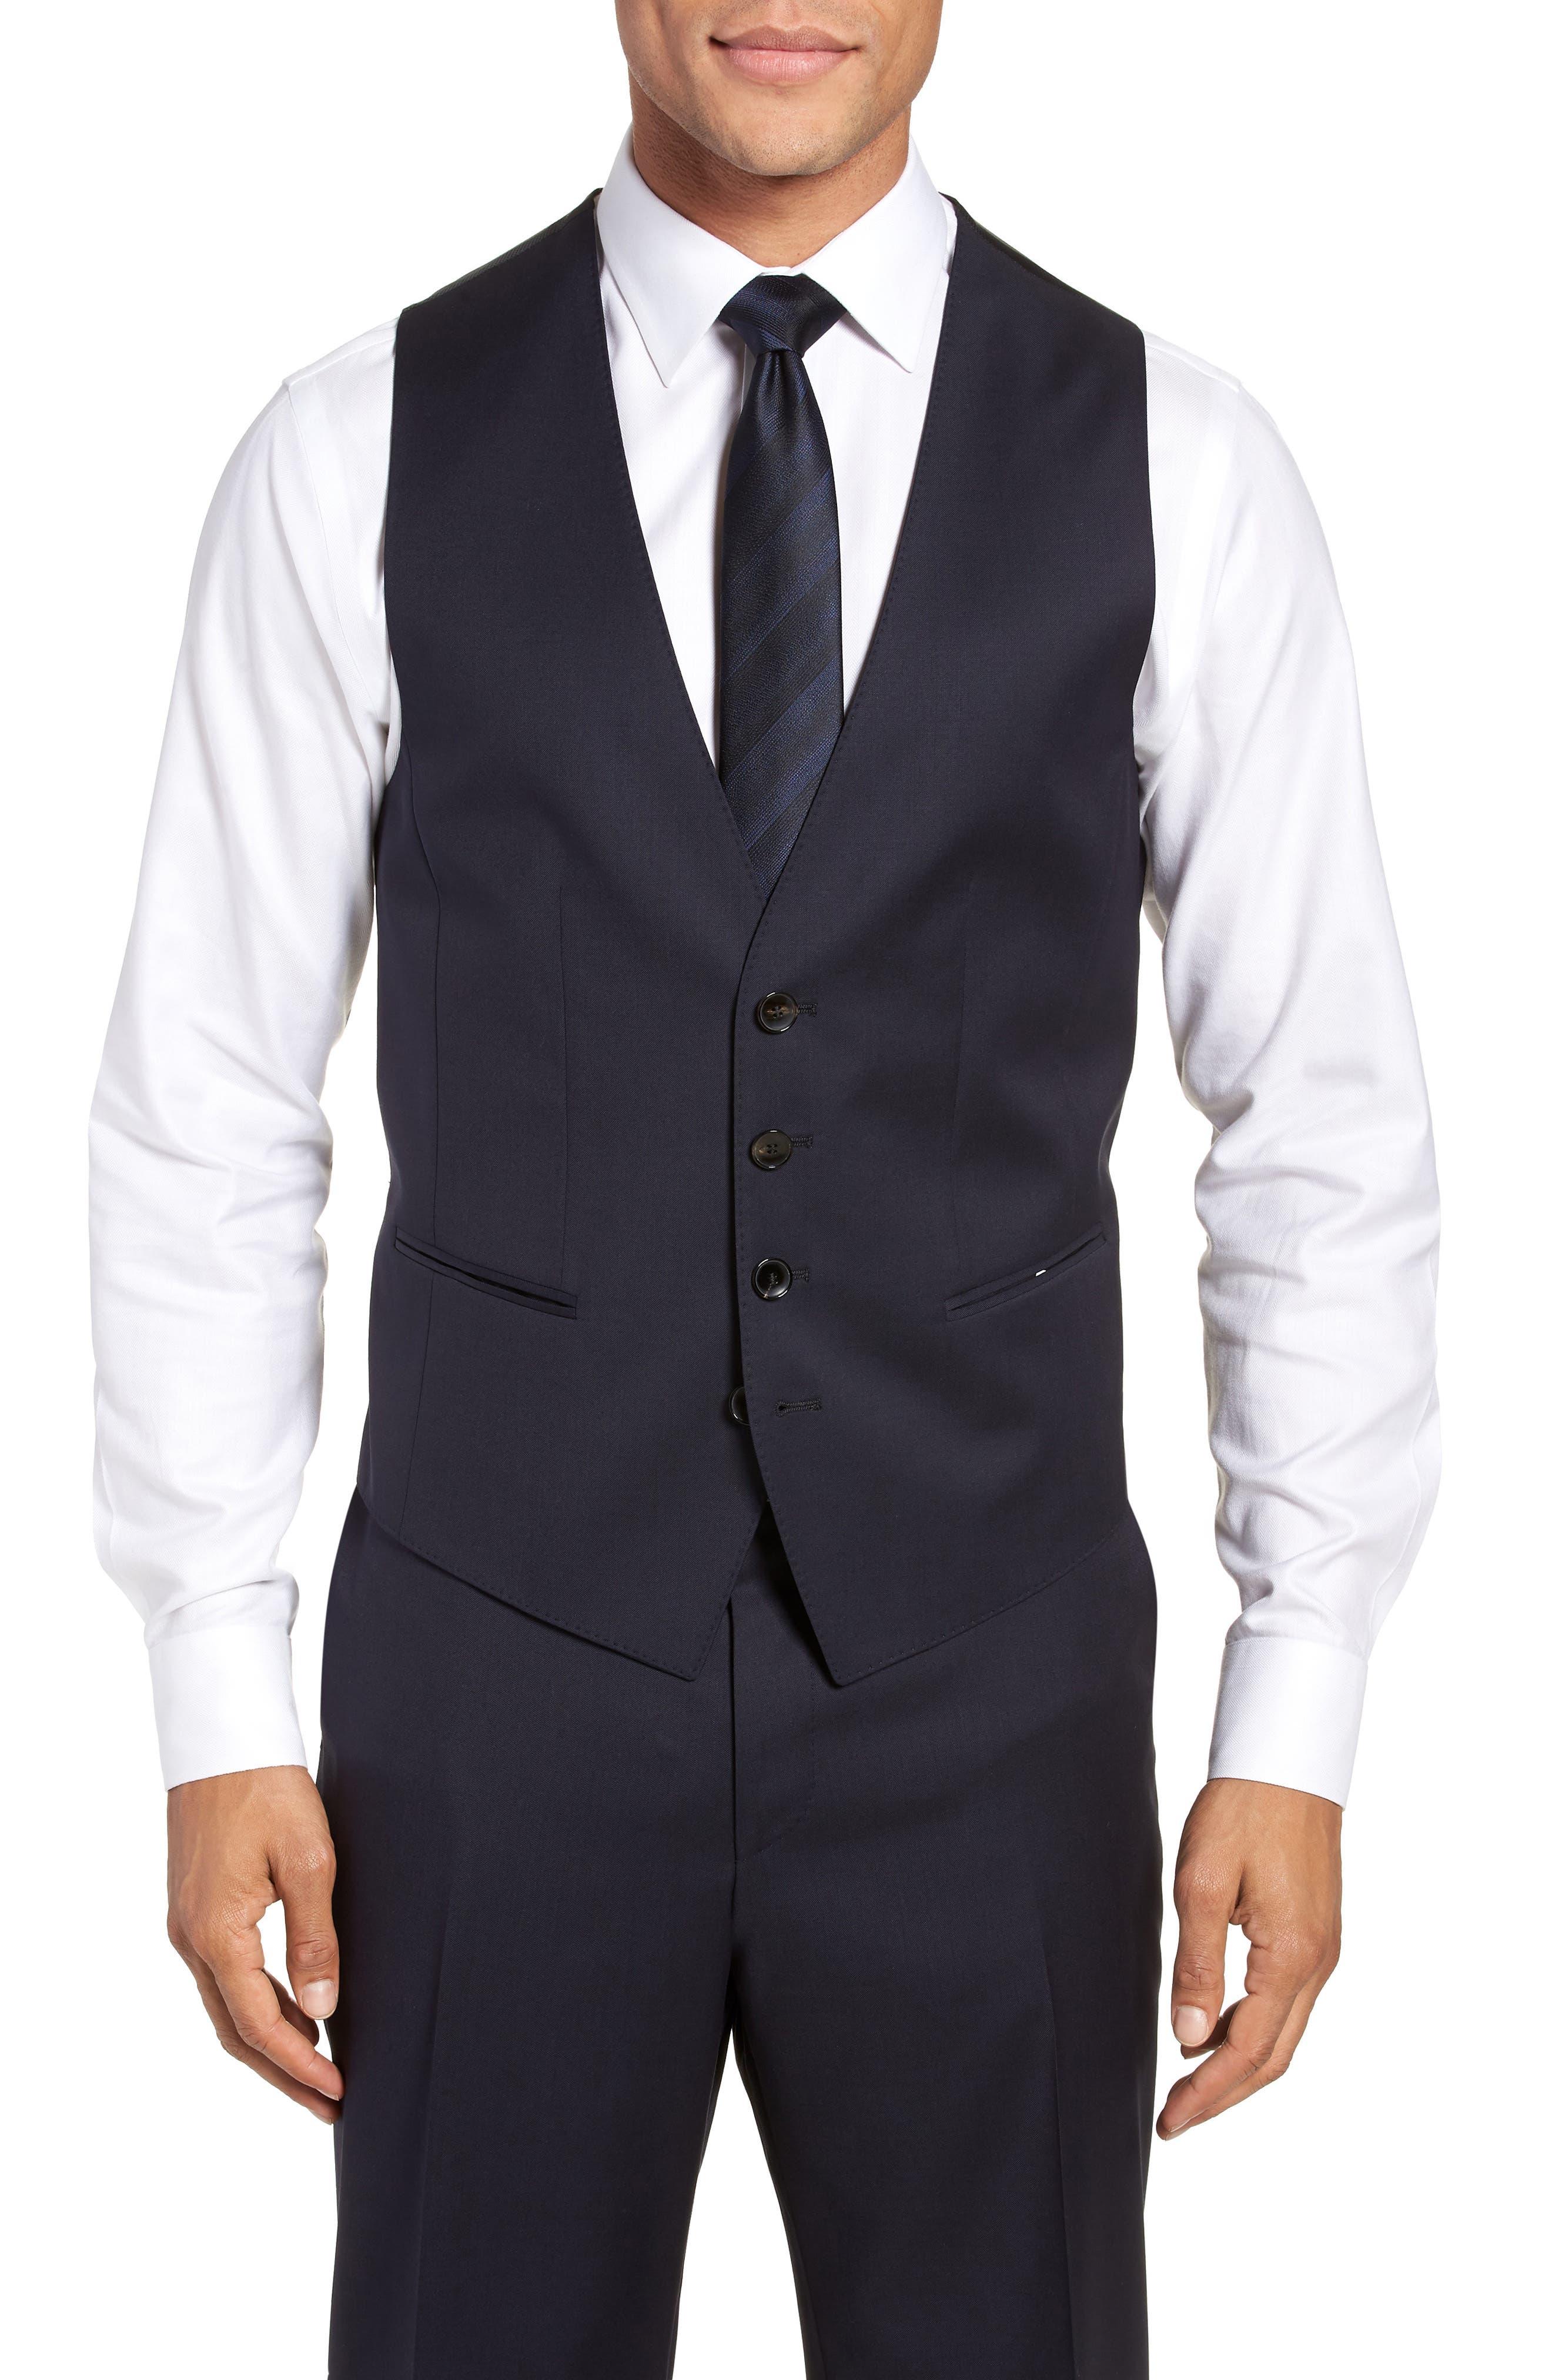 Casual Dress Vests for Men